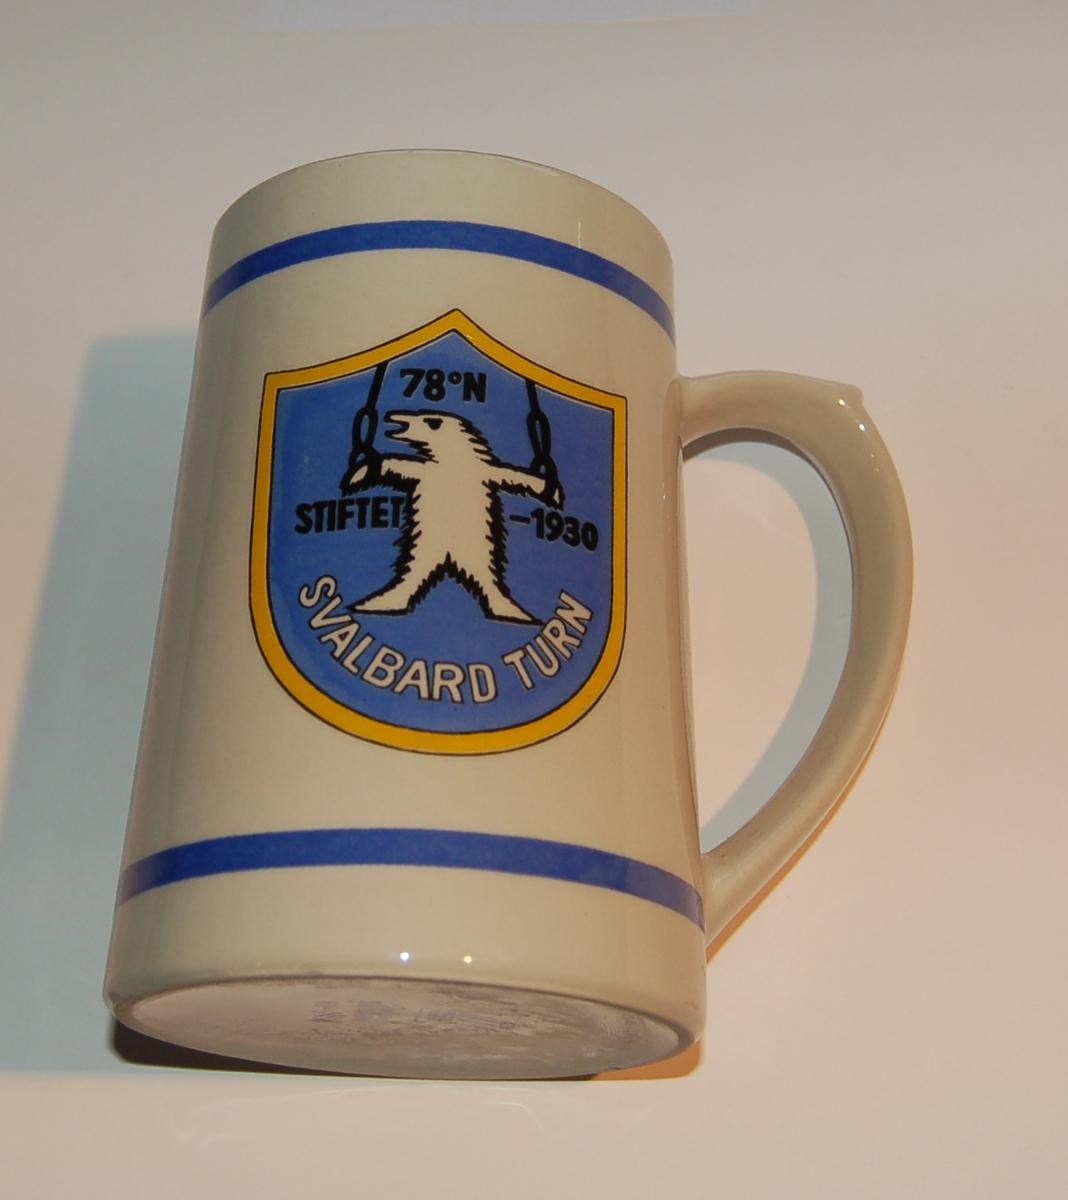 Utsmykka kjegleformet souvenirkrus i glassert porselen. Motiv: Blått emblem med isbjørn i turnringer. Tekst: Svalbard Turn - 78 grader N. Stiftet - 1930.